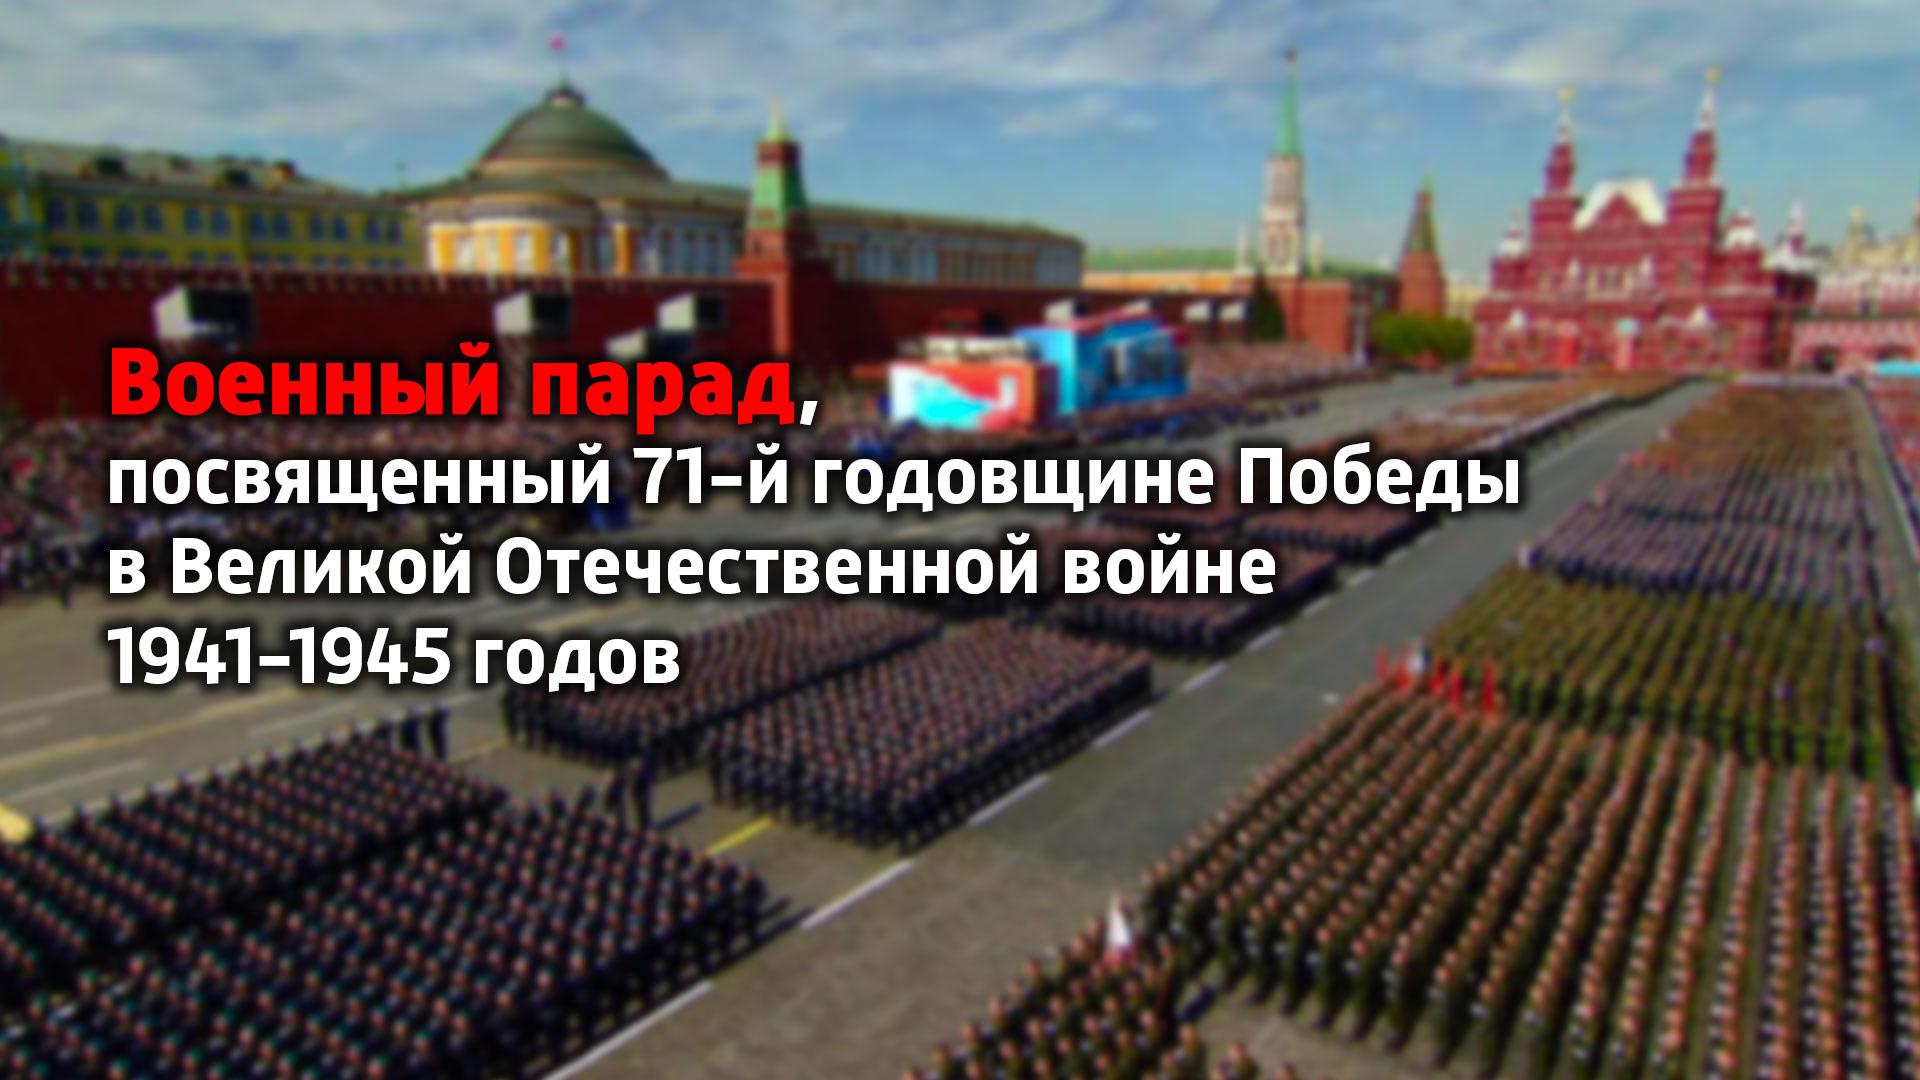 Военный парад, посвященный 71-й годовщине Победы в Великой Отечественной войне 1941-1945 годов